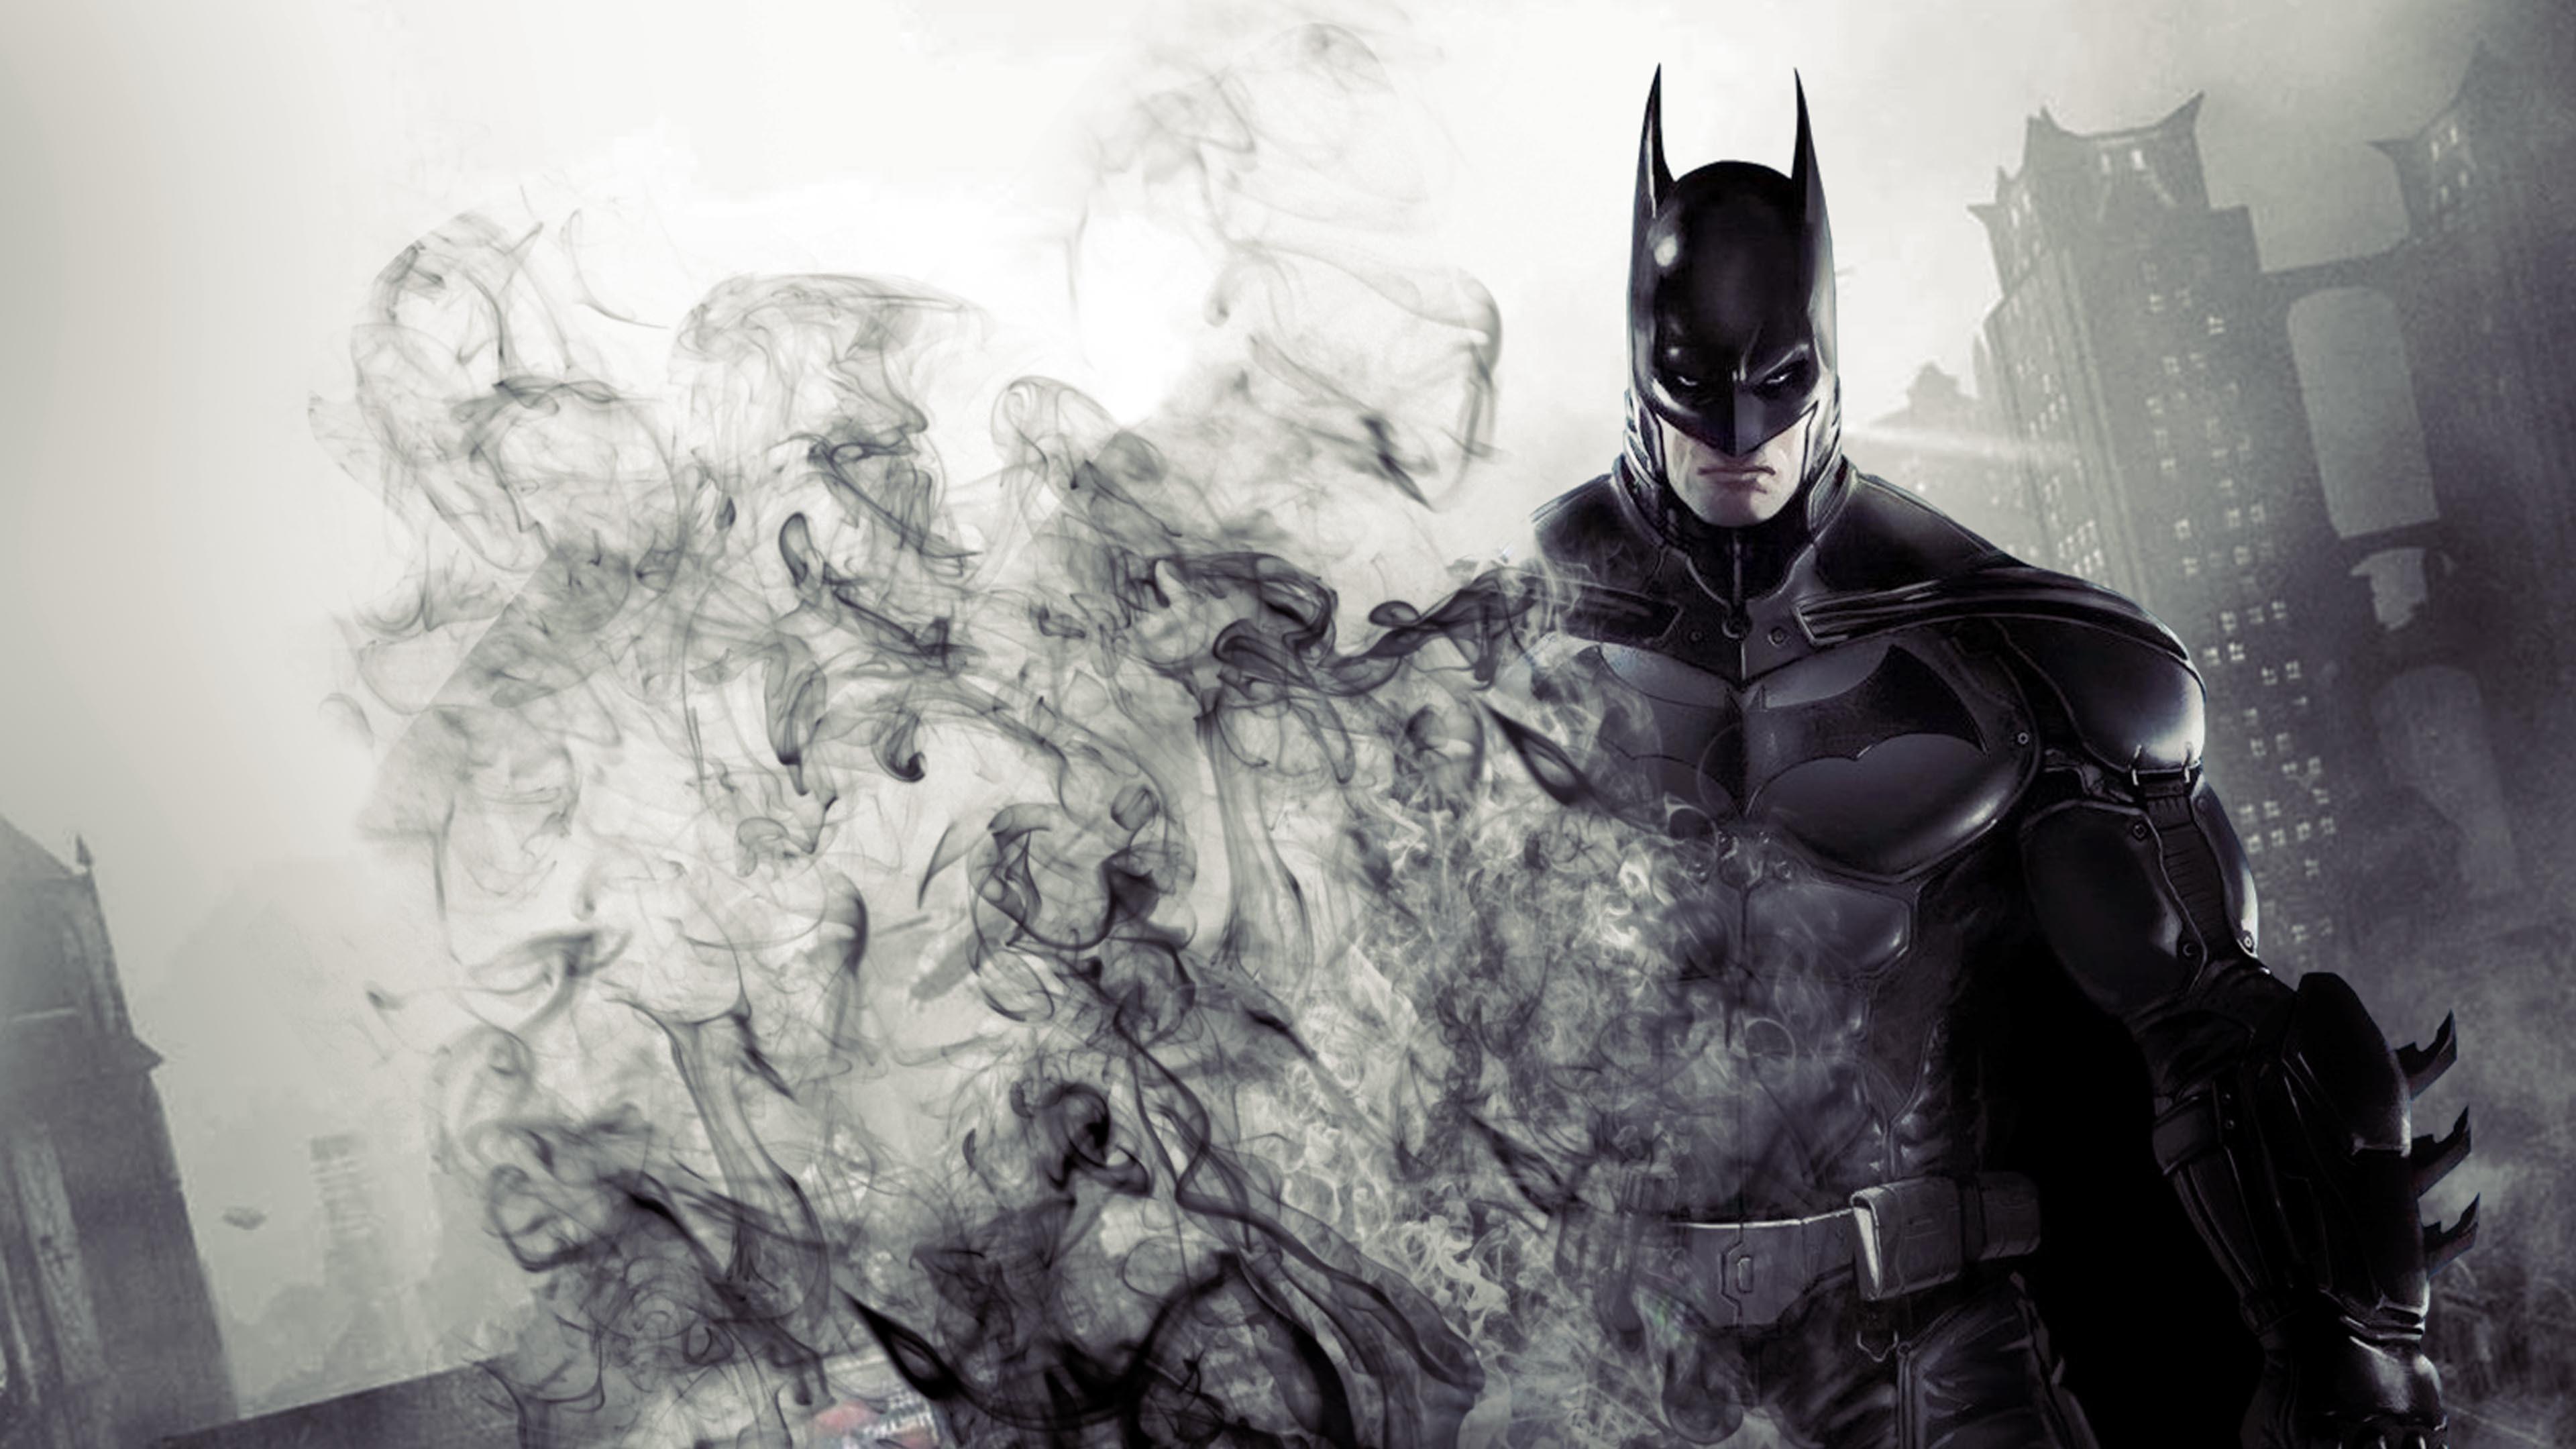 Batman Art Wallpaper 74 Images